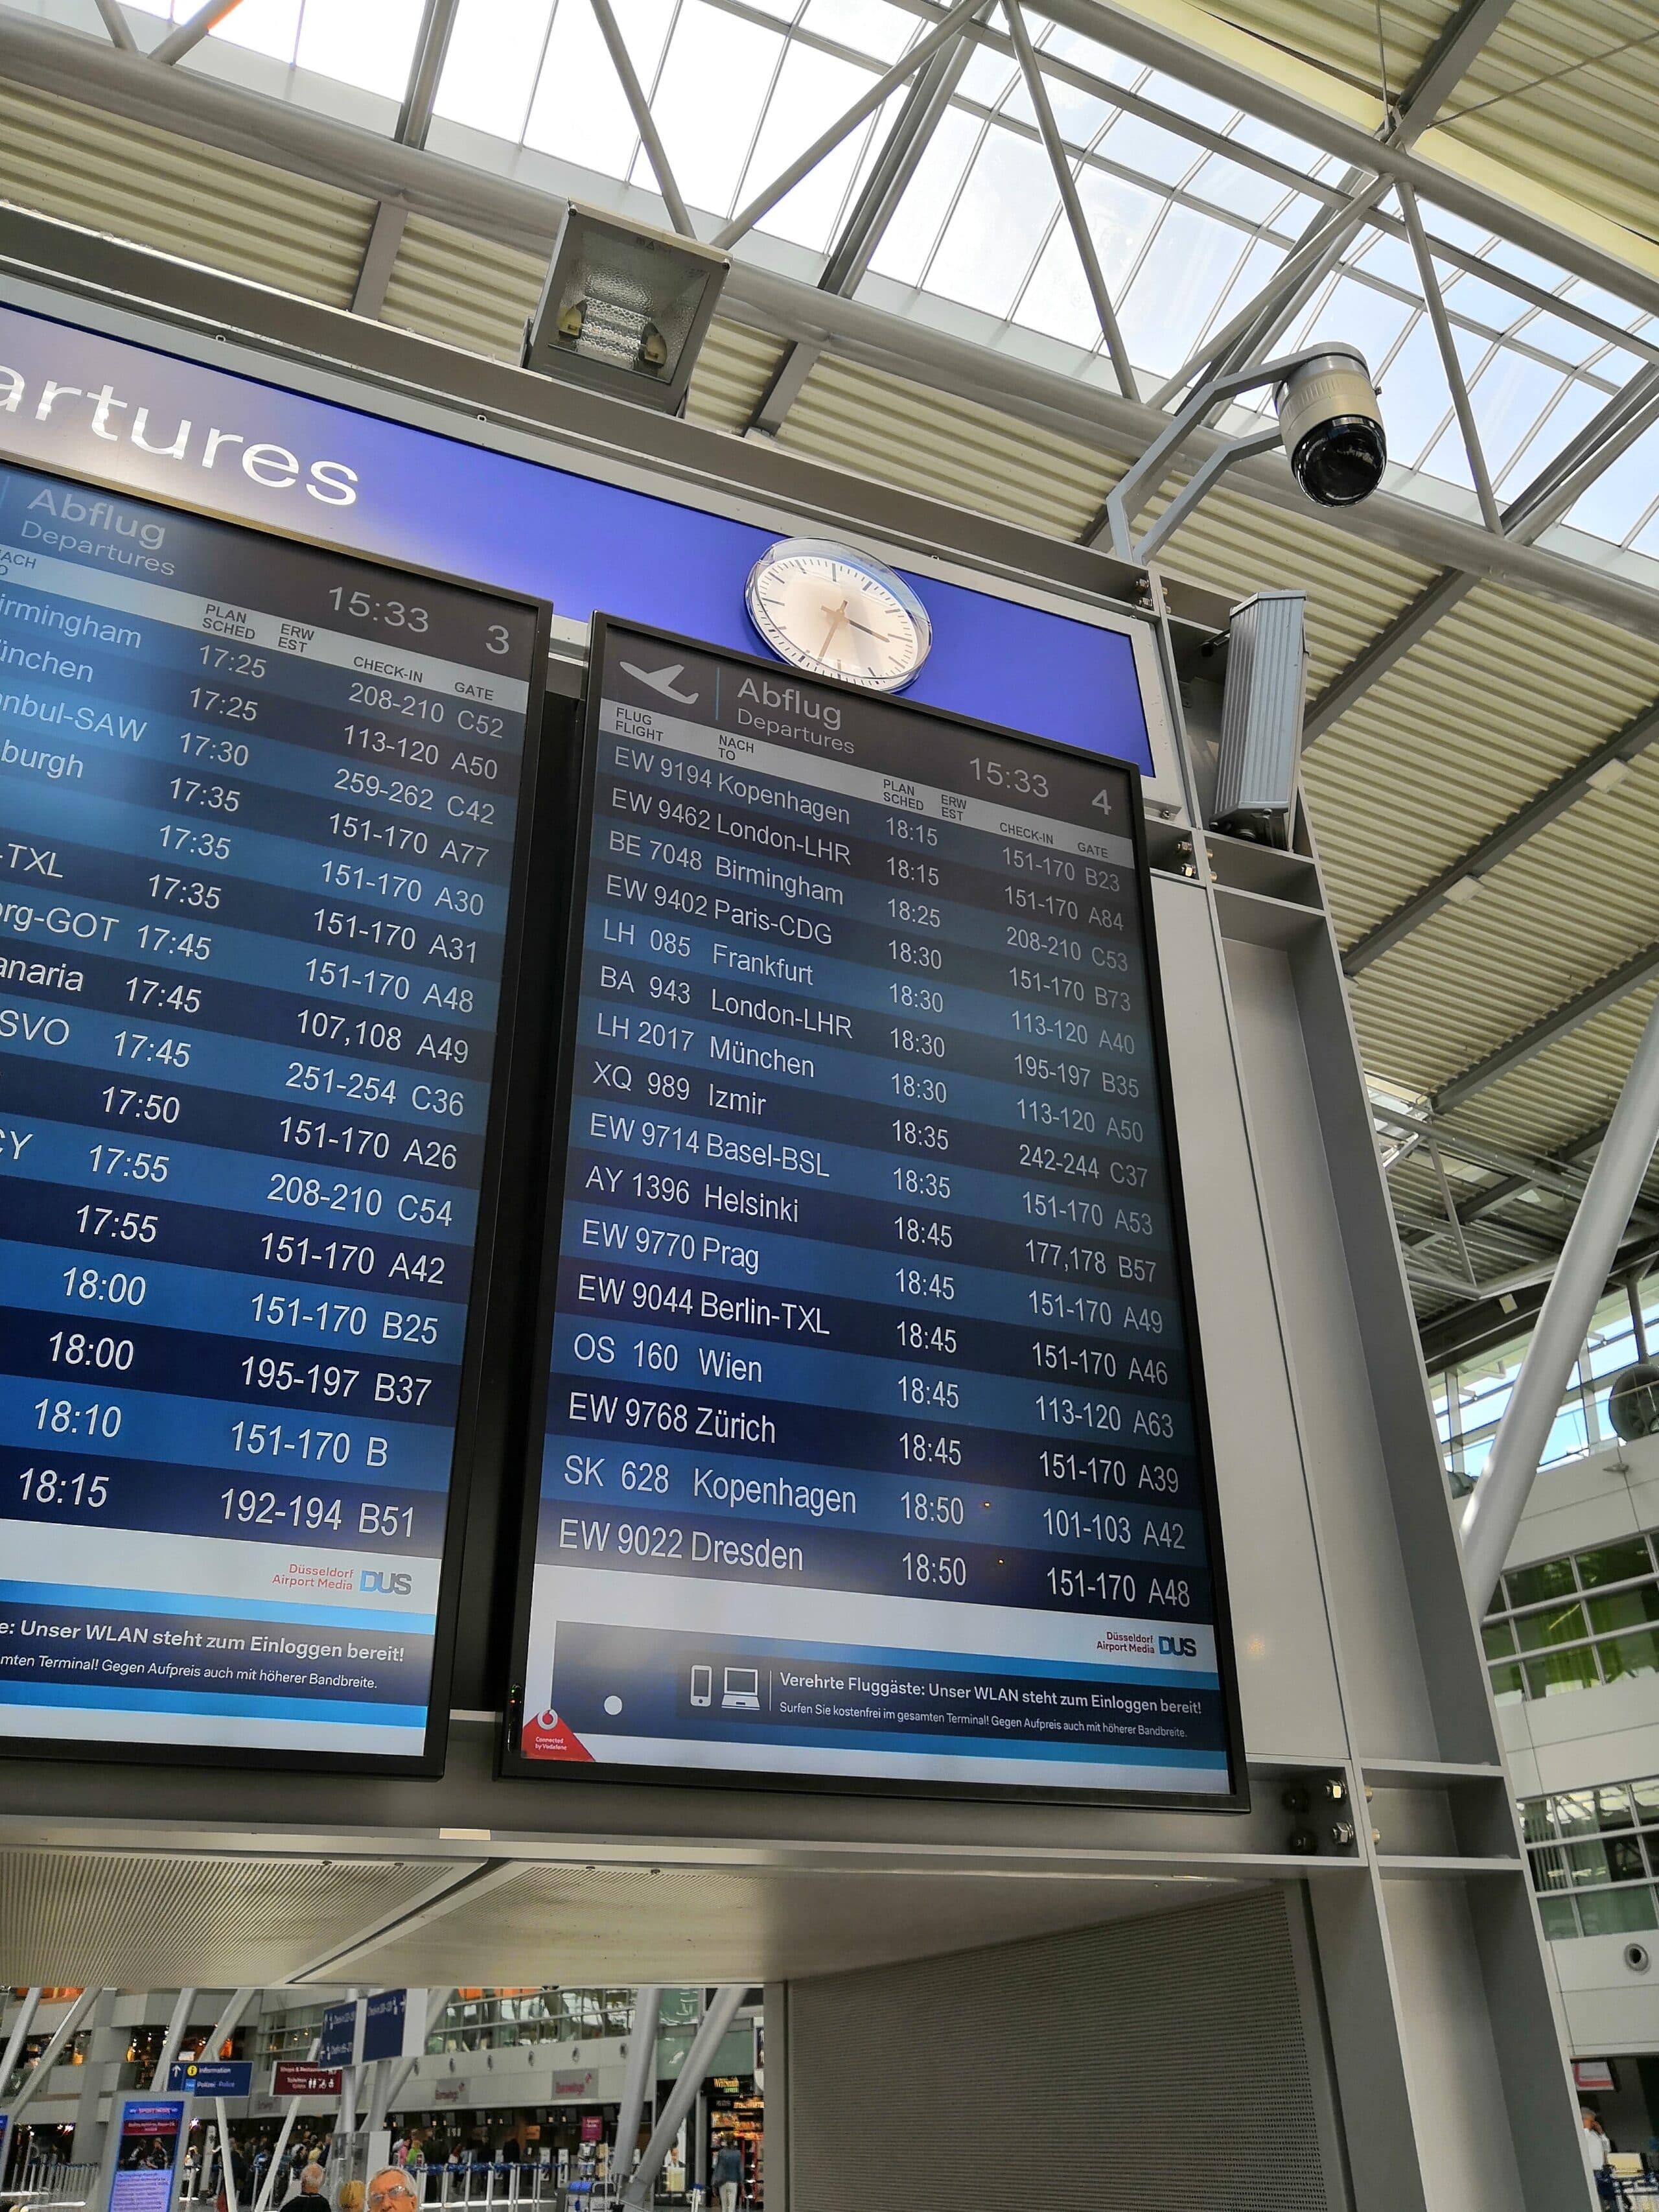 Abflugtafel Flughafen Düsseldorf